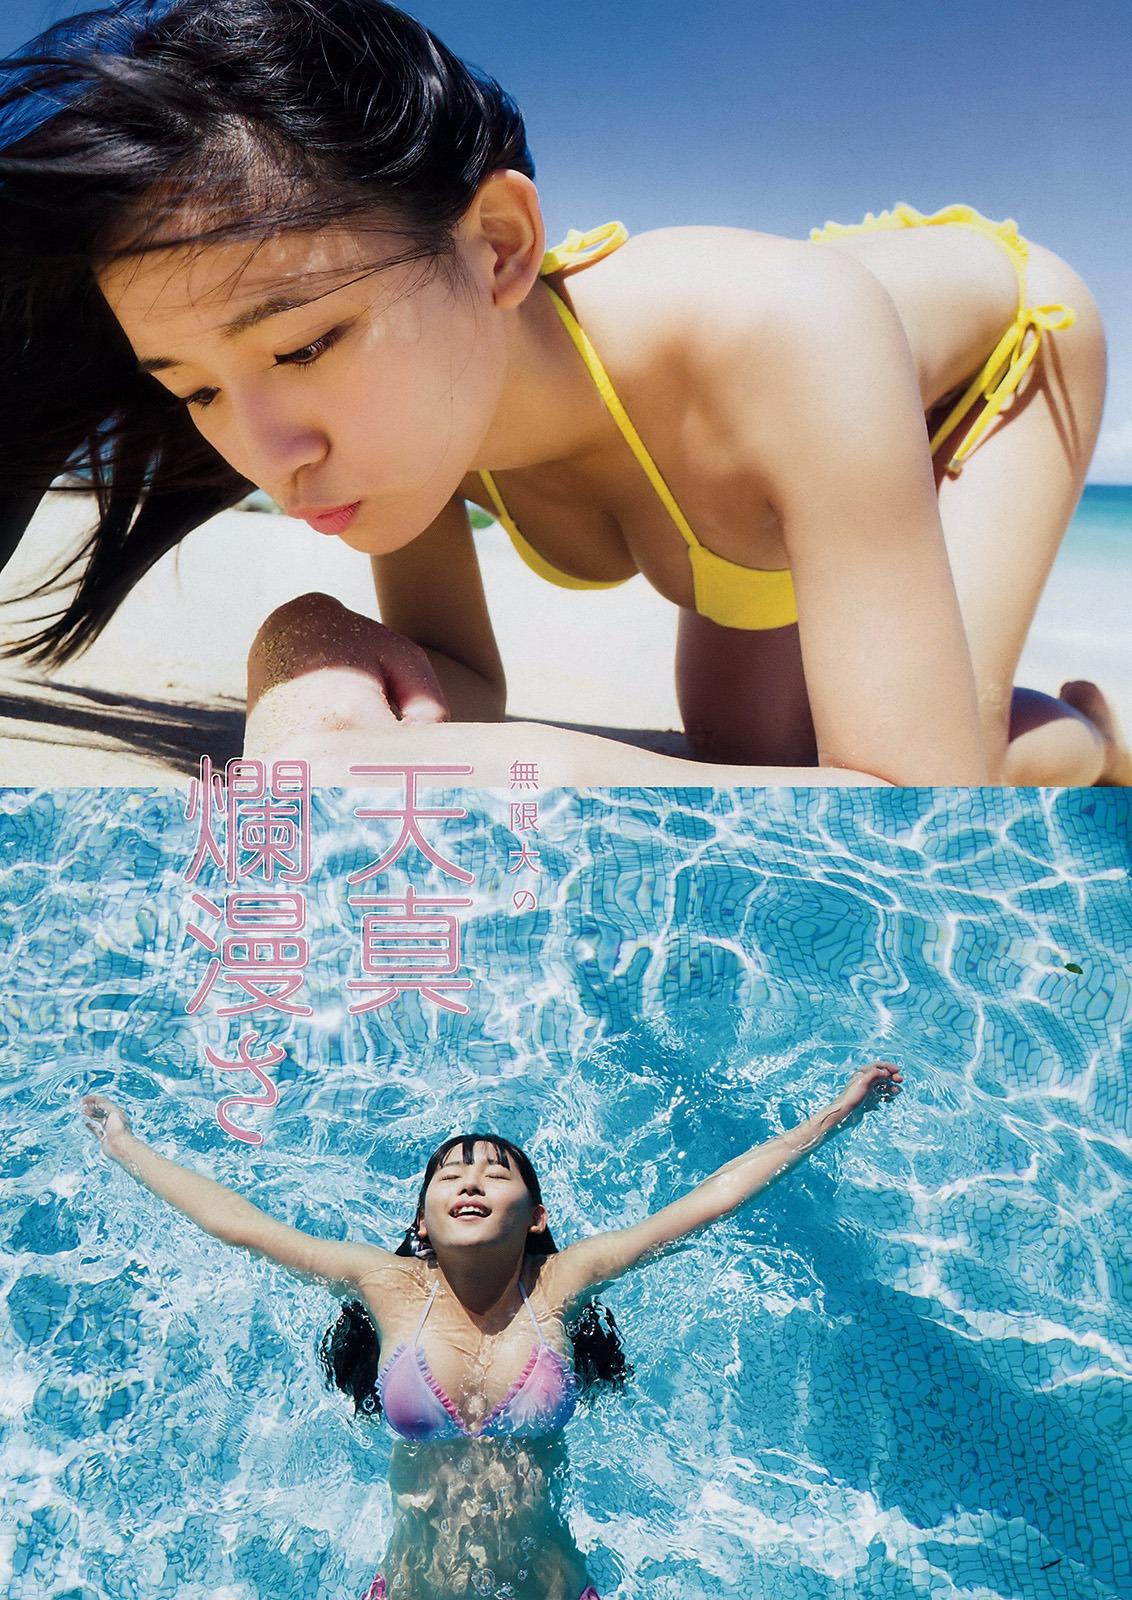 그라비아모델 아사카와 나나